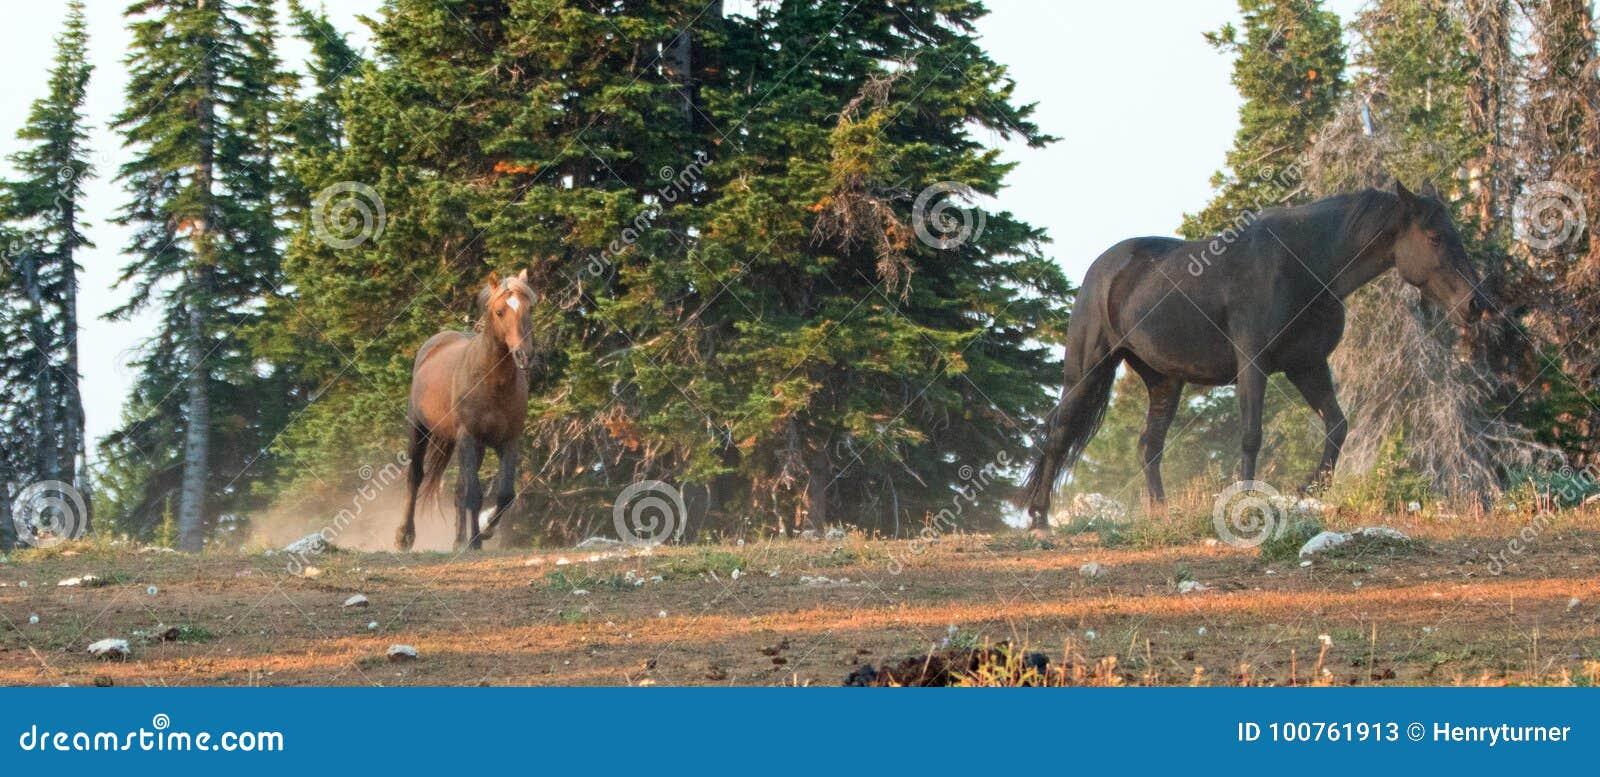 Άγρια άλογα †«Sooty Palomino και μαύροι επιβήτορες που τρέχουν στα βουνά Pryor την άγρια σειρά αλόγων στη Μοντάνα ΗΠΑ